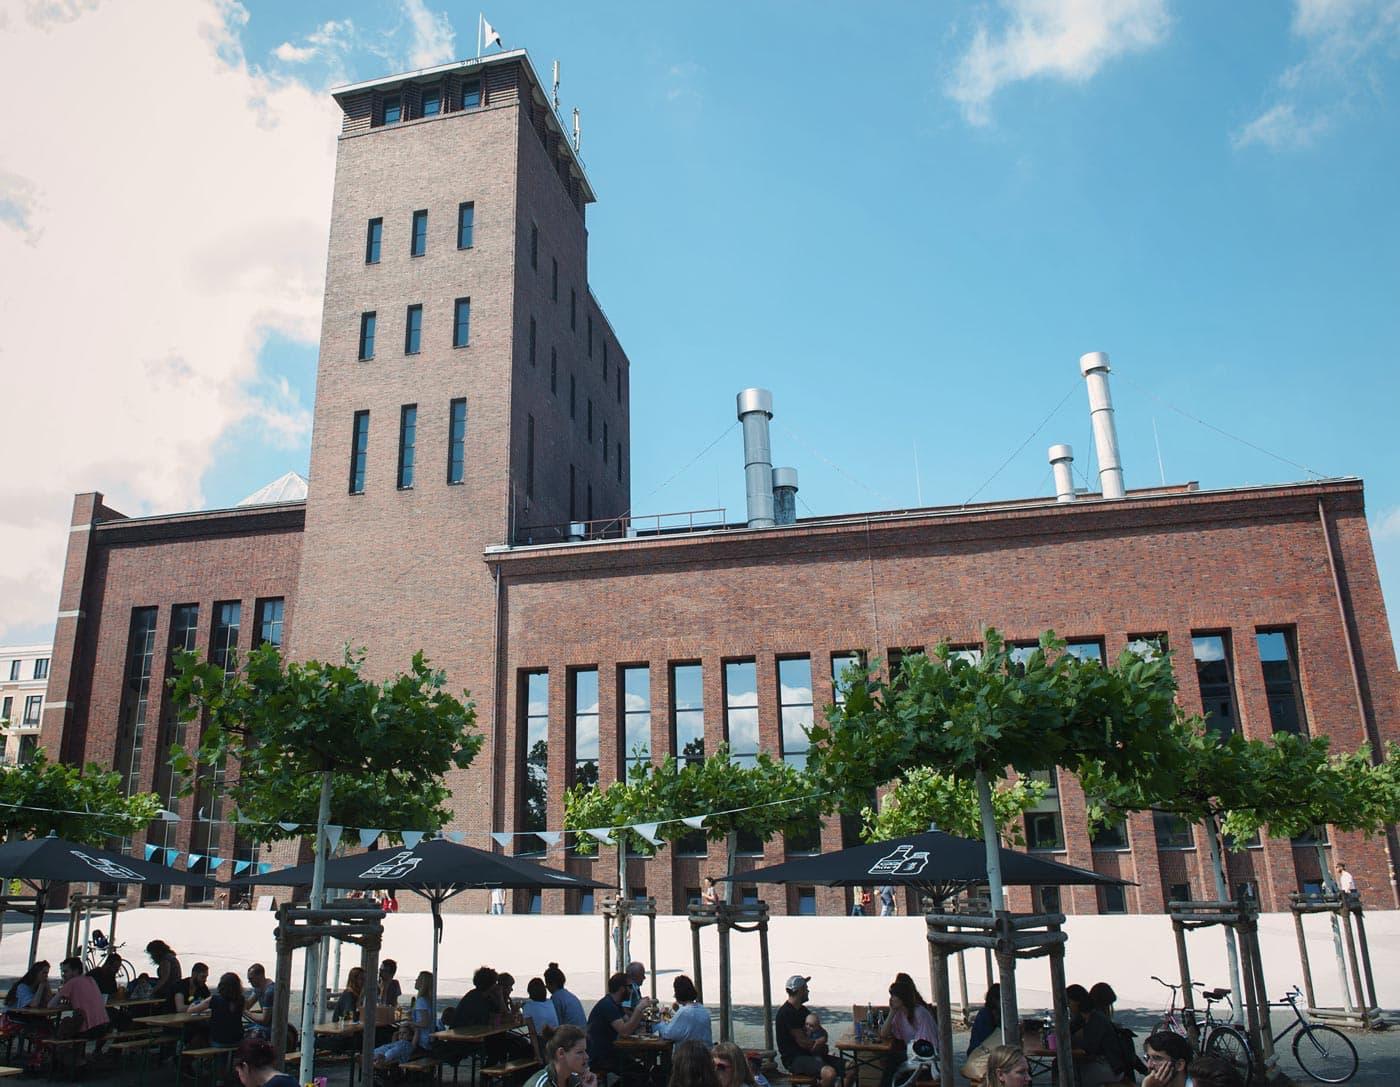 Biergärten für Familien: KINDL Biergarten Berlin // HIMBEER